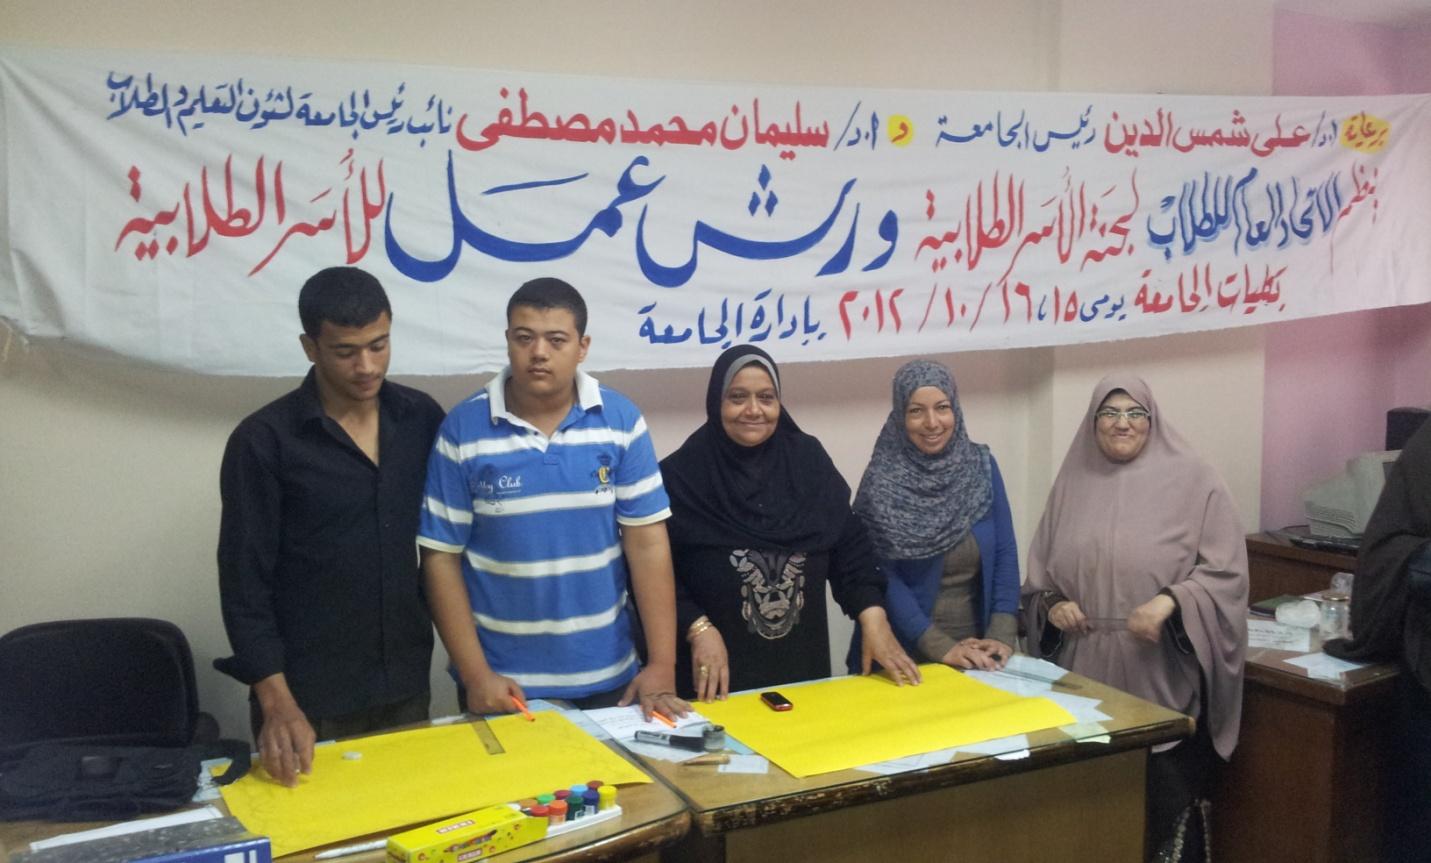 مسابقة الخط العربي بالإدارة العامة لرعاية الشباب